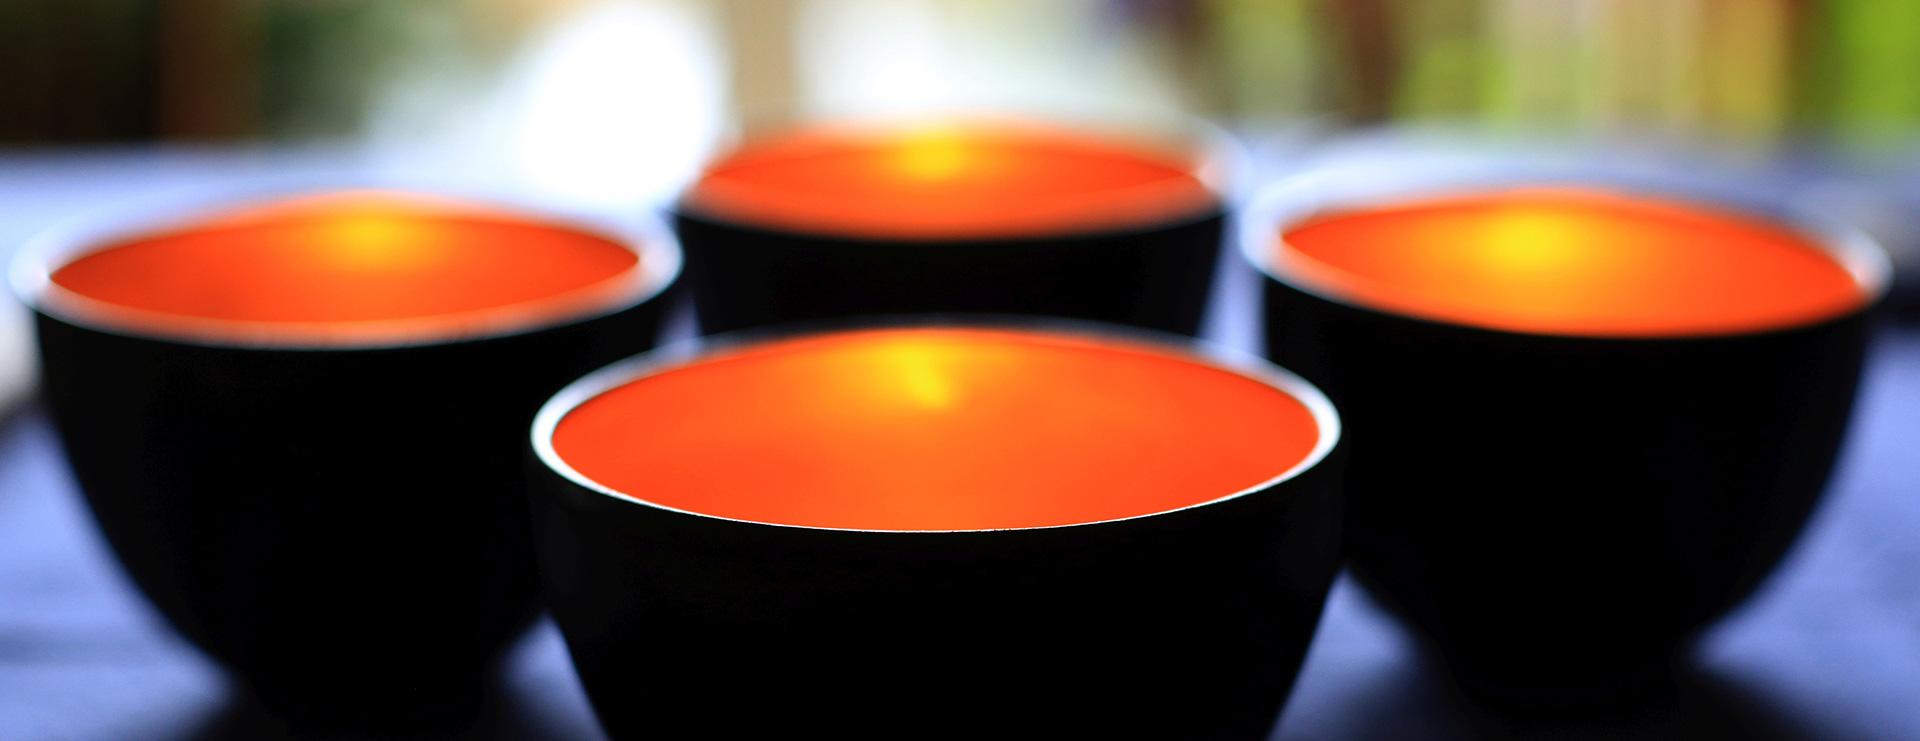 Teelichter